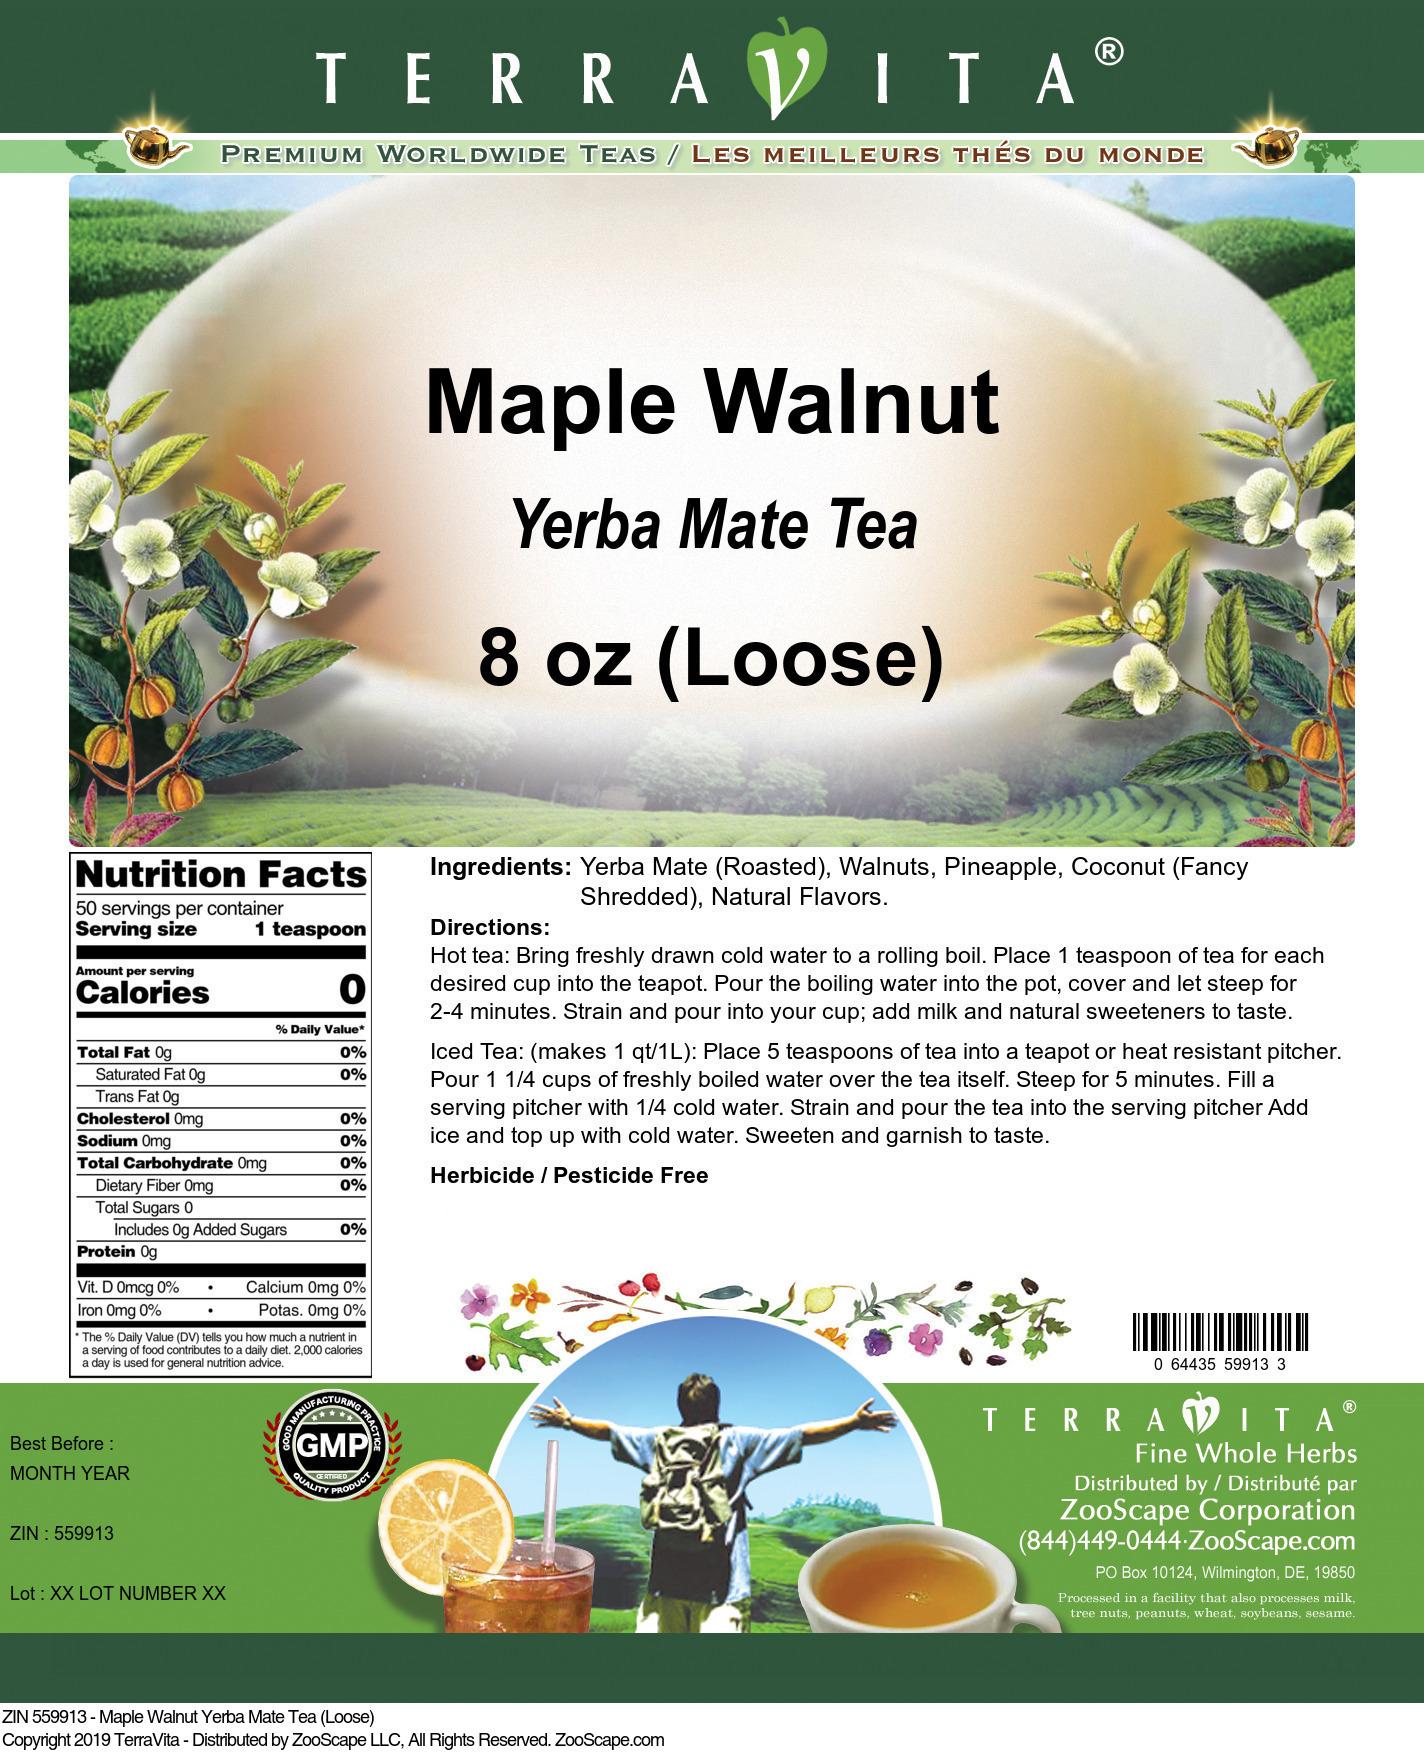 Maple Walnut Yerba Mate Tea (Loose)